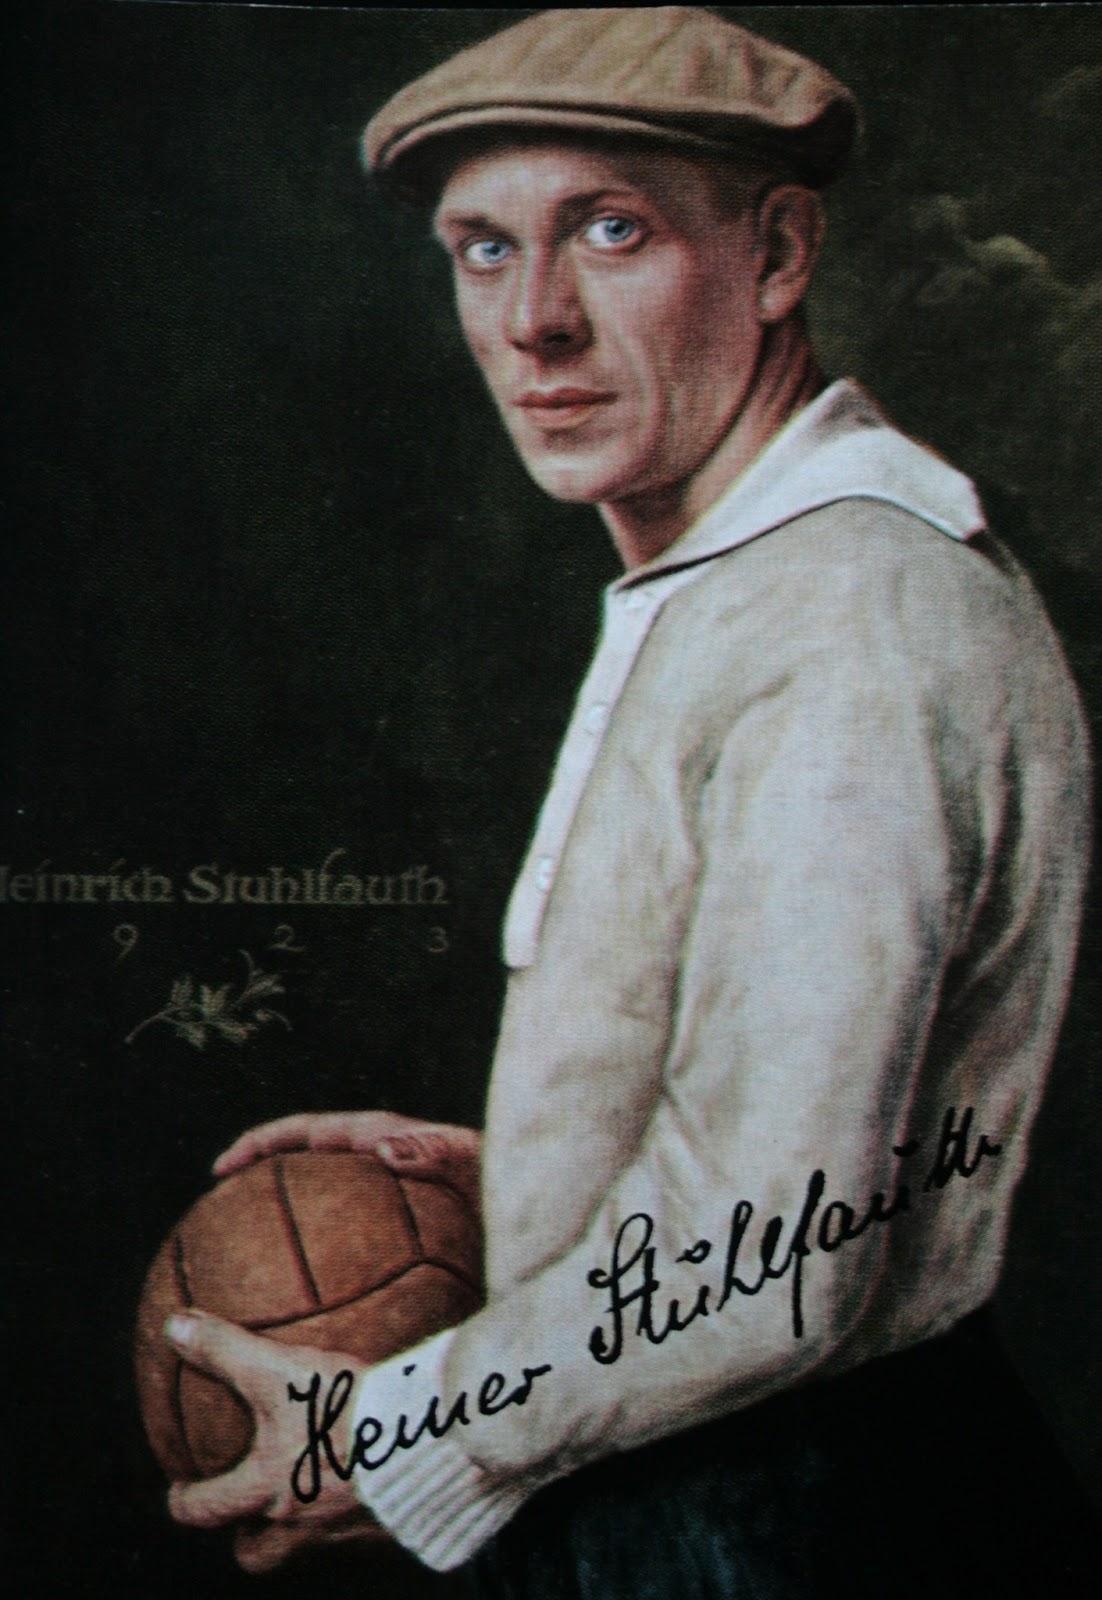 Heiner Stuhlfauth